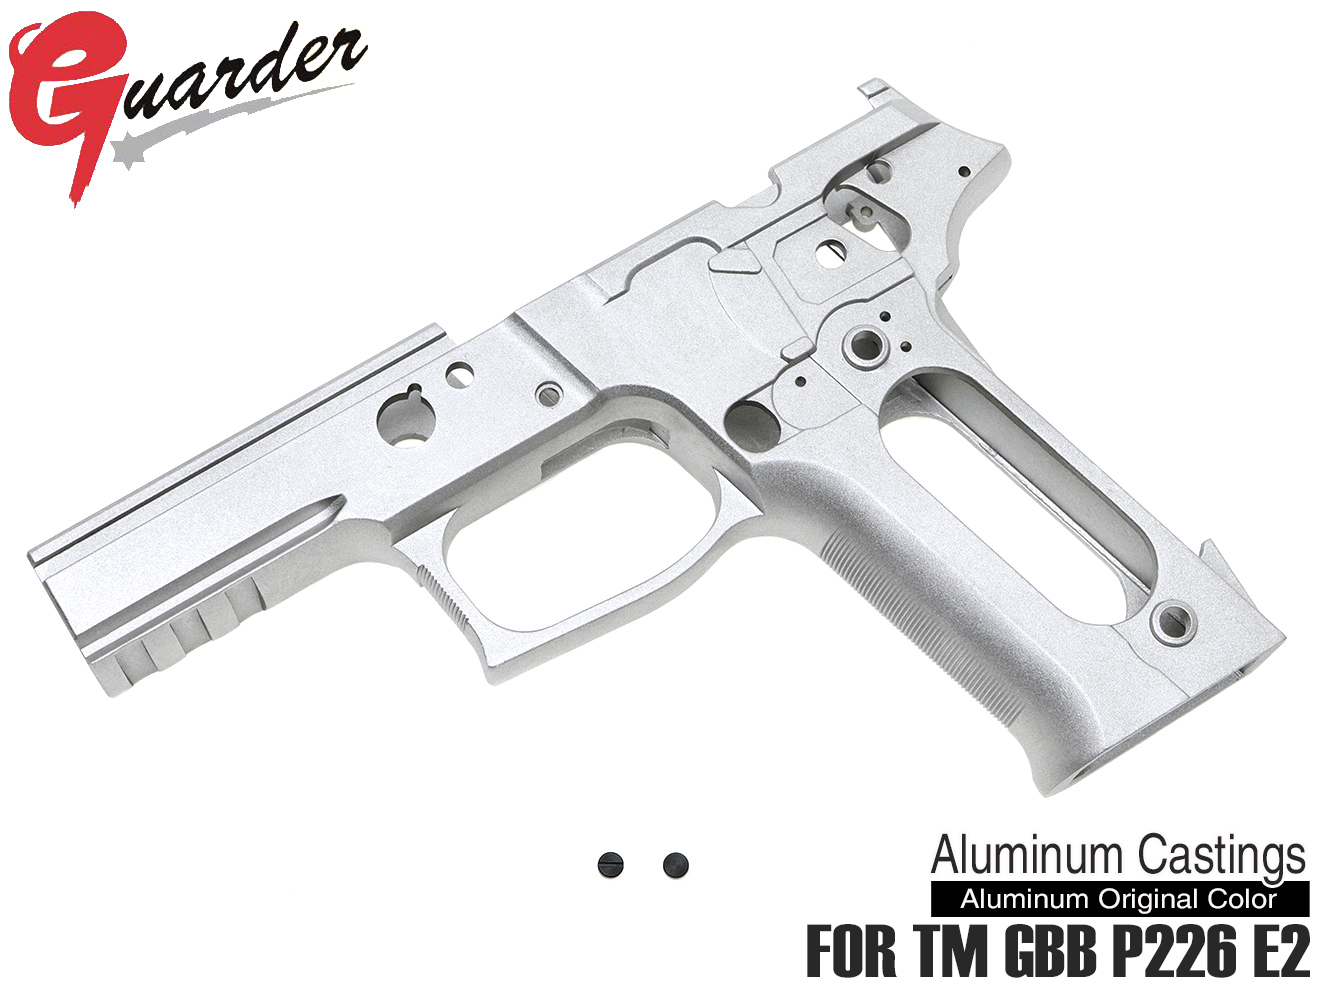 P226-64(A)■GUARDER P226 E2 フレームKIT E2 Marking マルイ P226 E2用 ◆オリジナルアルミカラー TM GBB P226 E2シリーズ対応 カスタムフレーム